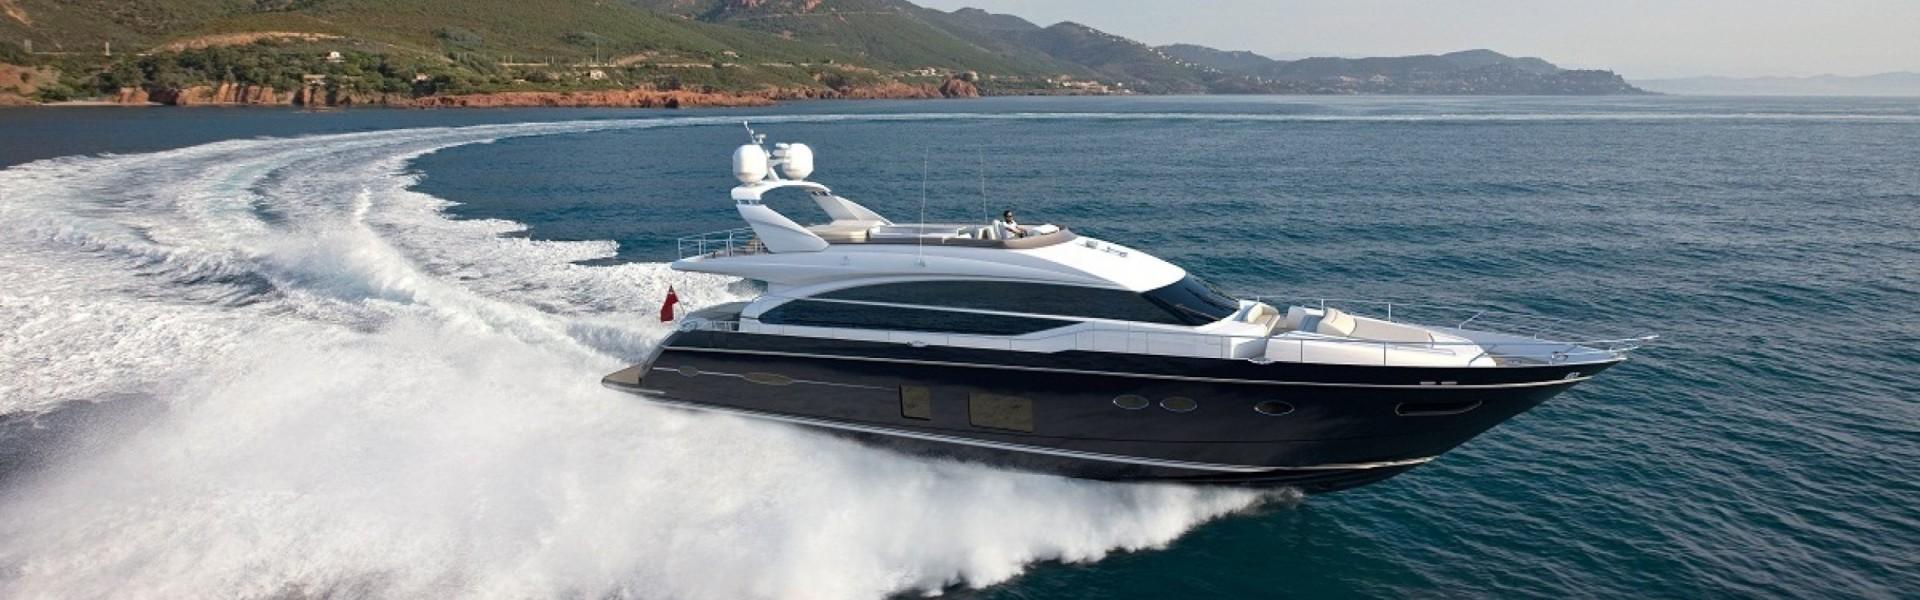 Tuning/egr/dpf/adblue solutions for  båtmotorer